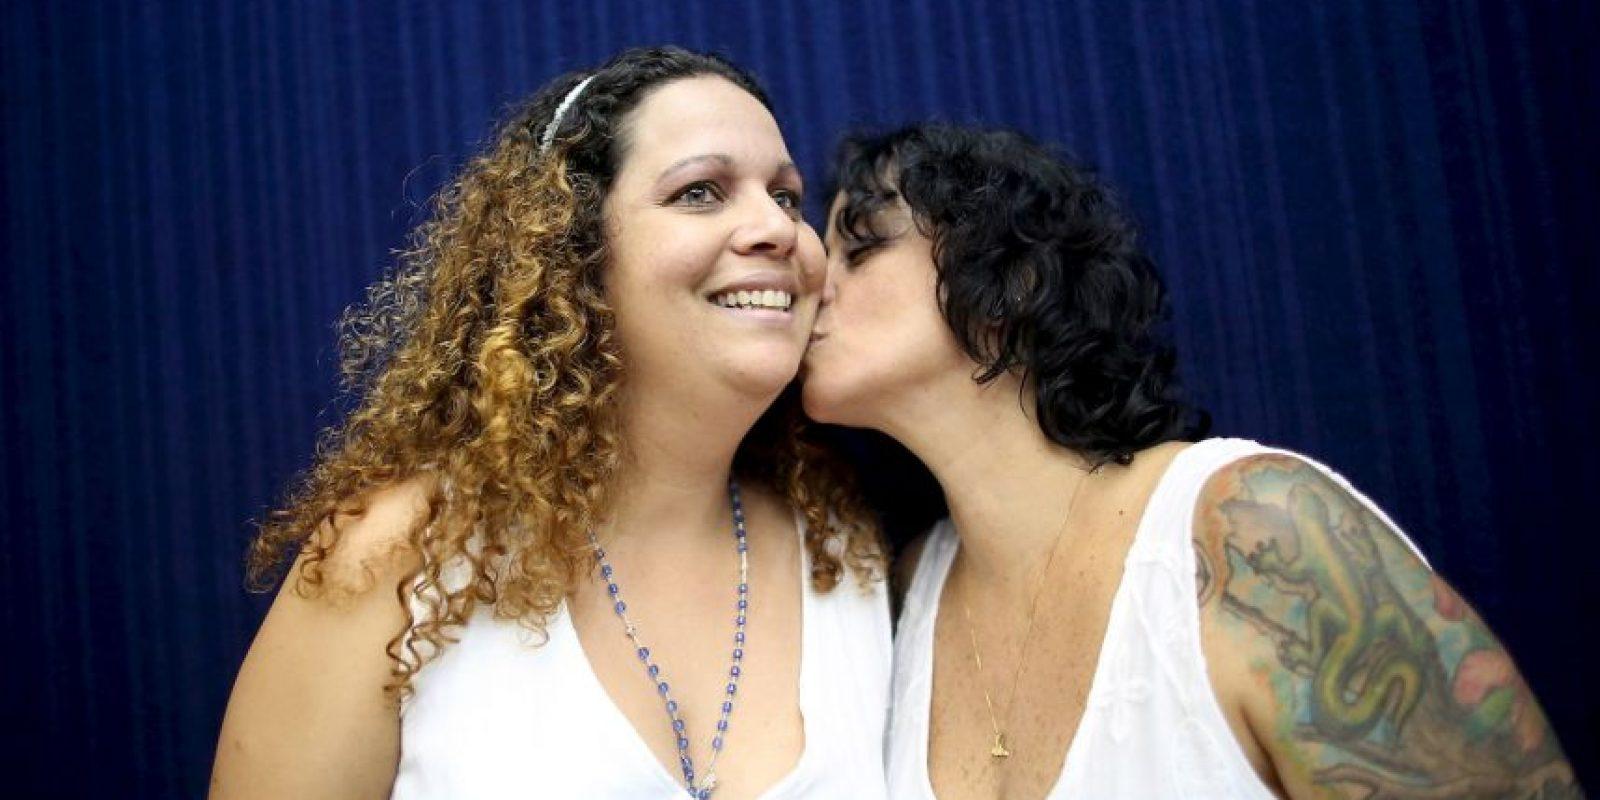 El 14 de mayo de 2013, el Consejo Nacional de Justicia determinó que las notarías no pueden negarse a registrarse los matrimonios de estas parejas. Foto:Getty Images